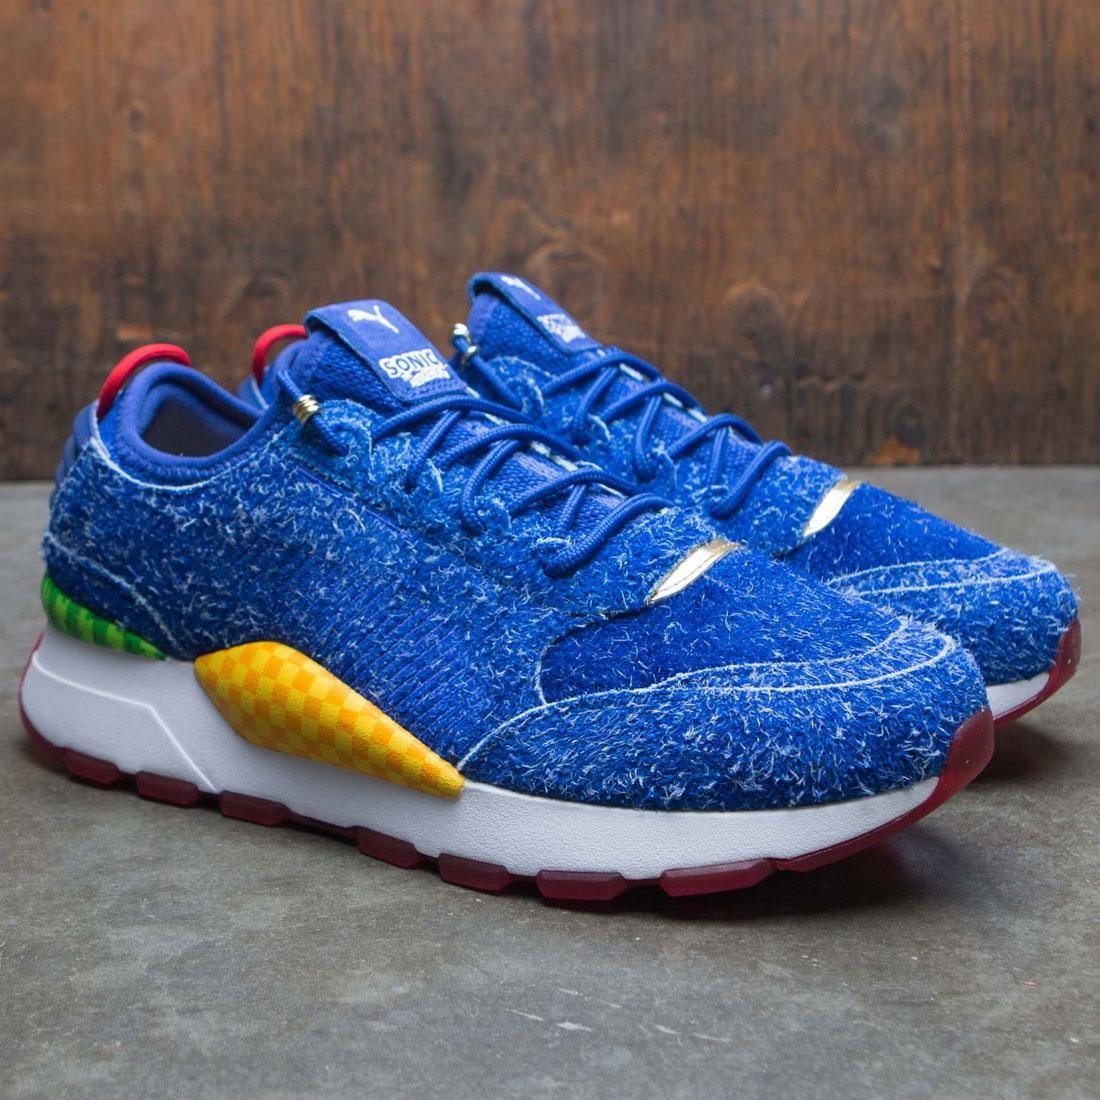 Puma X Sonic The Hedgehog Men Rs 0 Sonic Blue Surf White